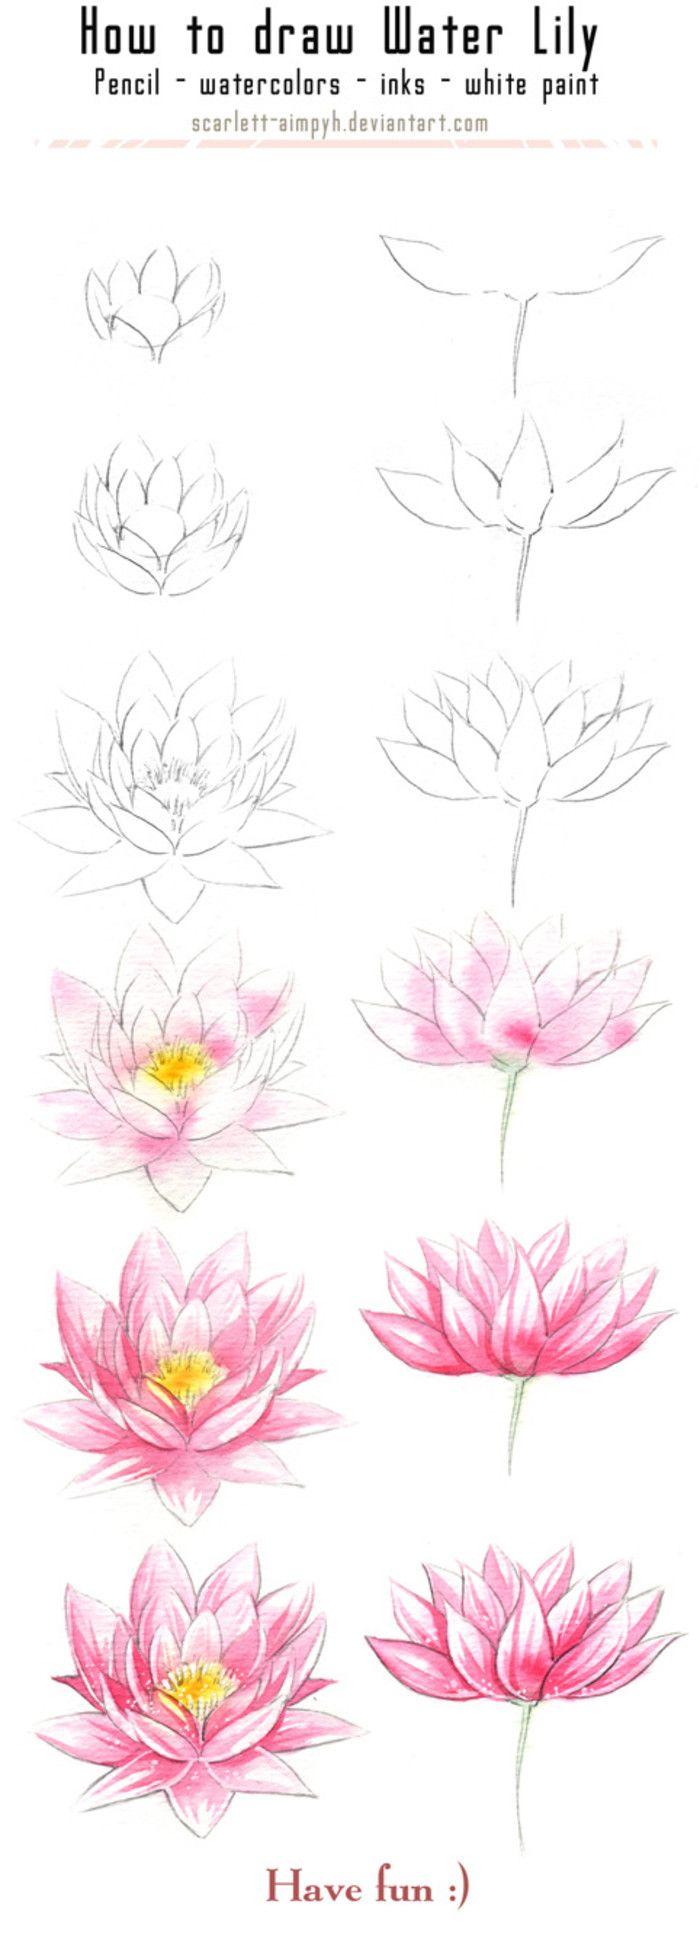 cómo dibujar y pintar waterlily por scarlettaimpyh design